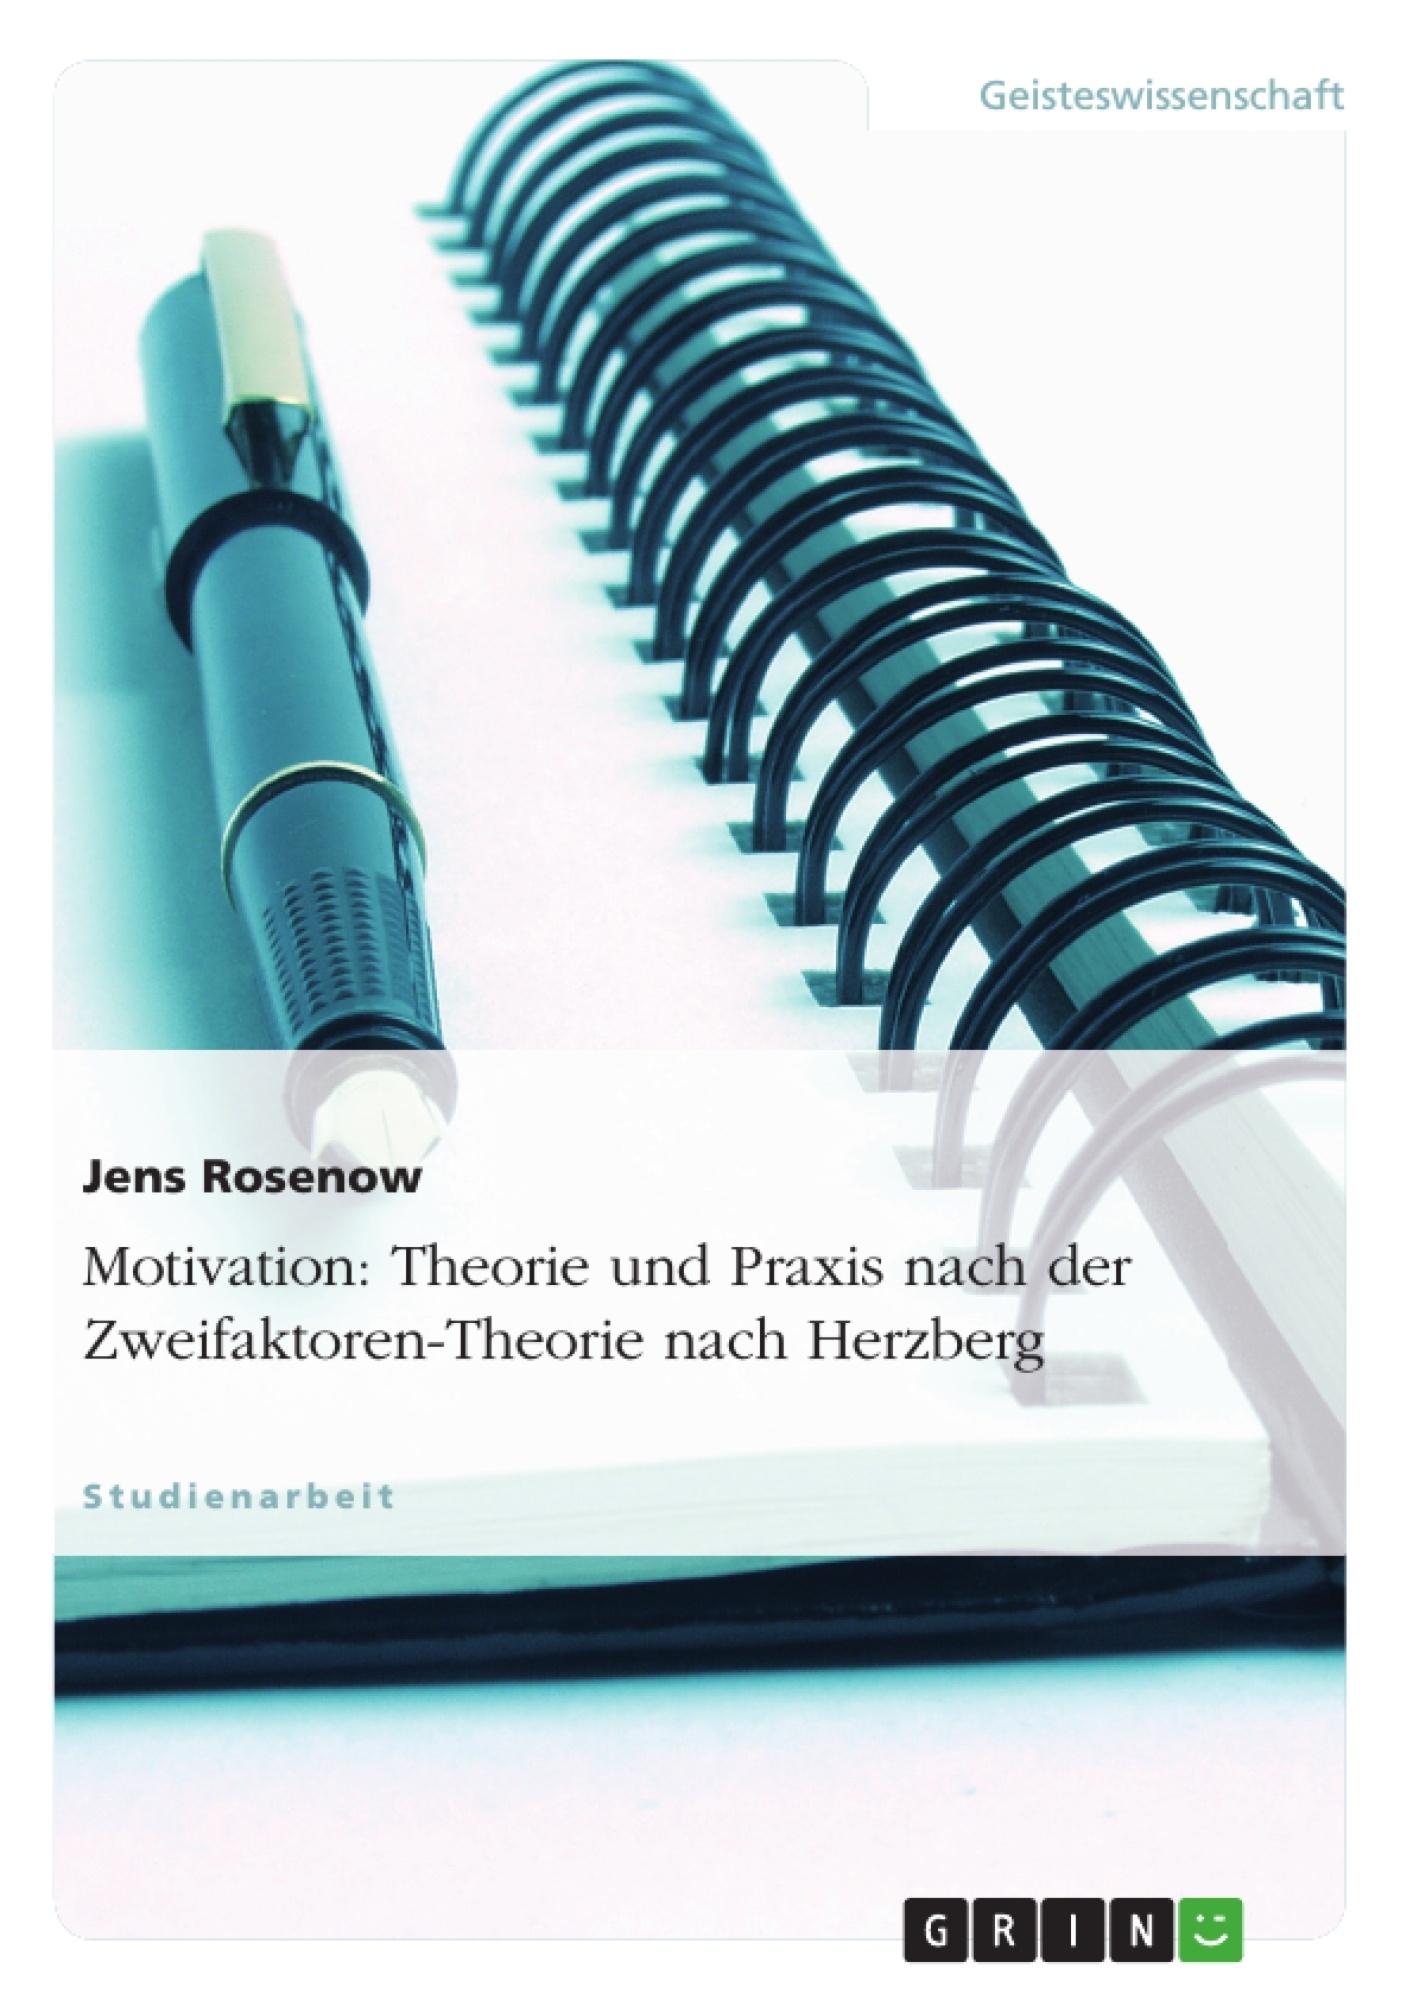 Titel: Motivation: Theorie und Praxis nach der Zweifaktoren-Theorie nach Herzberg